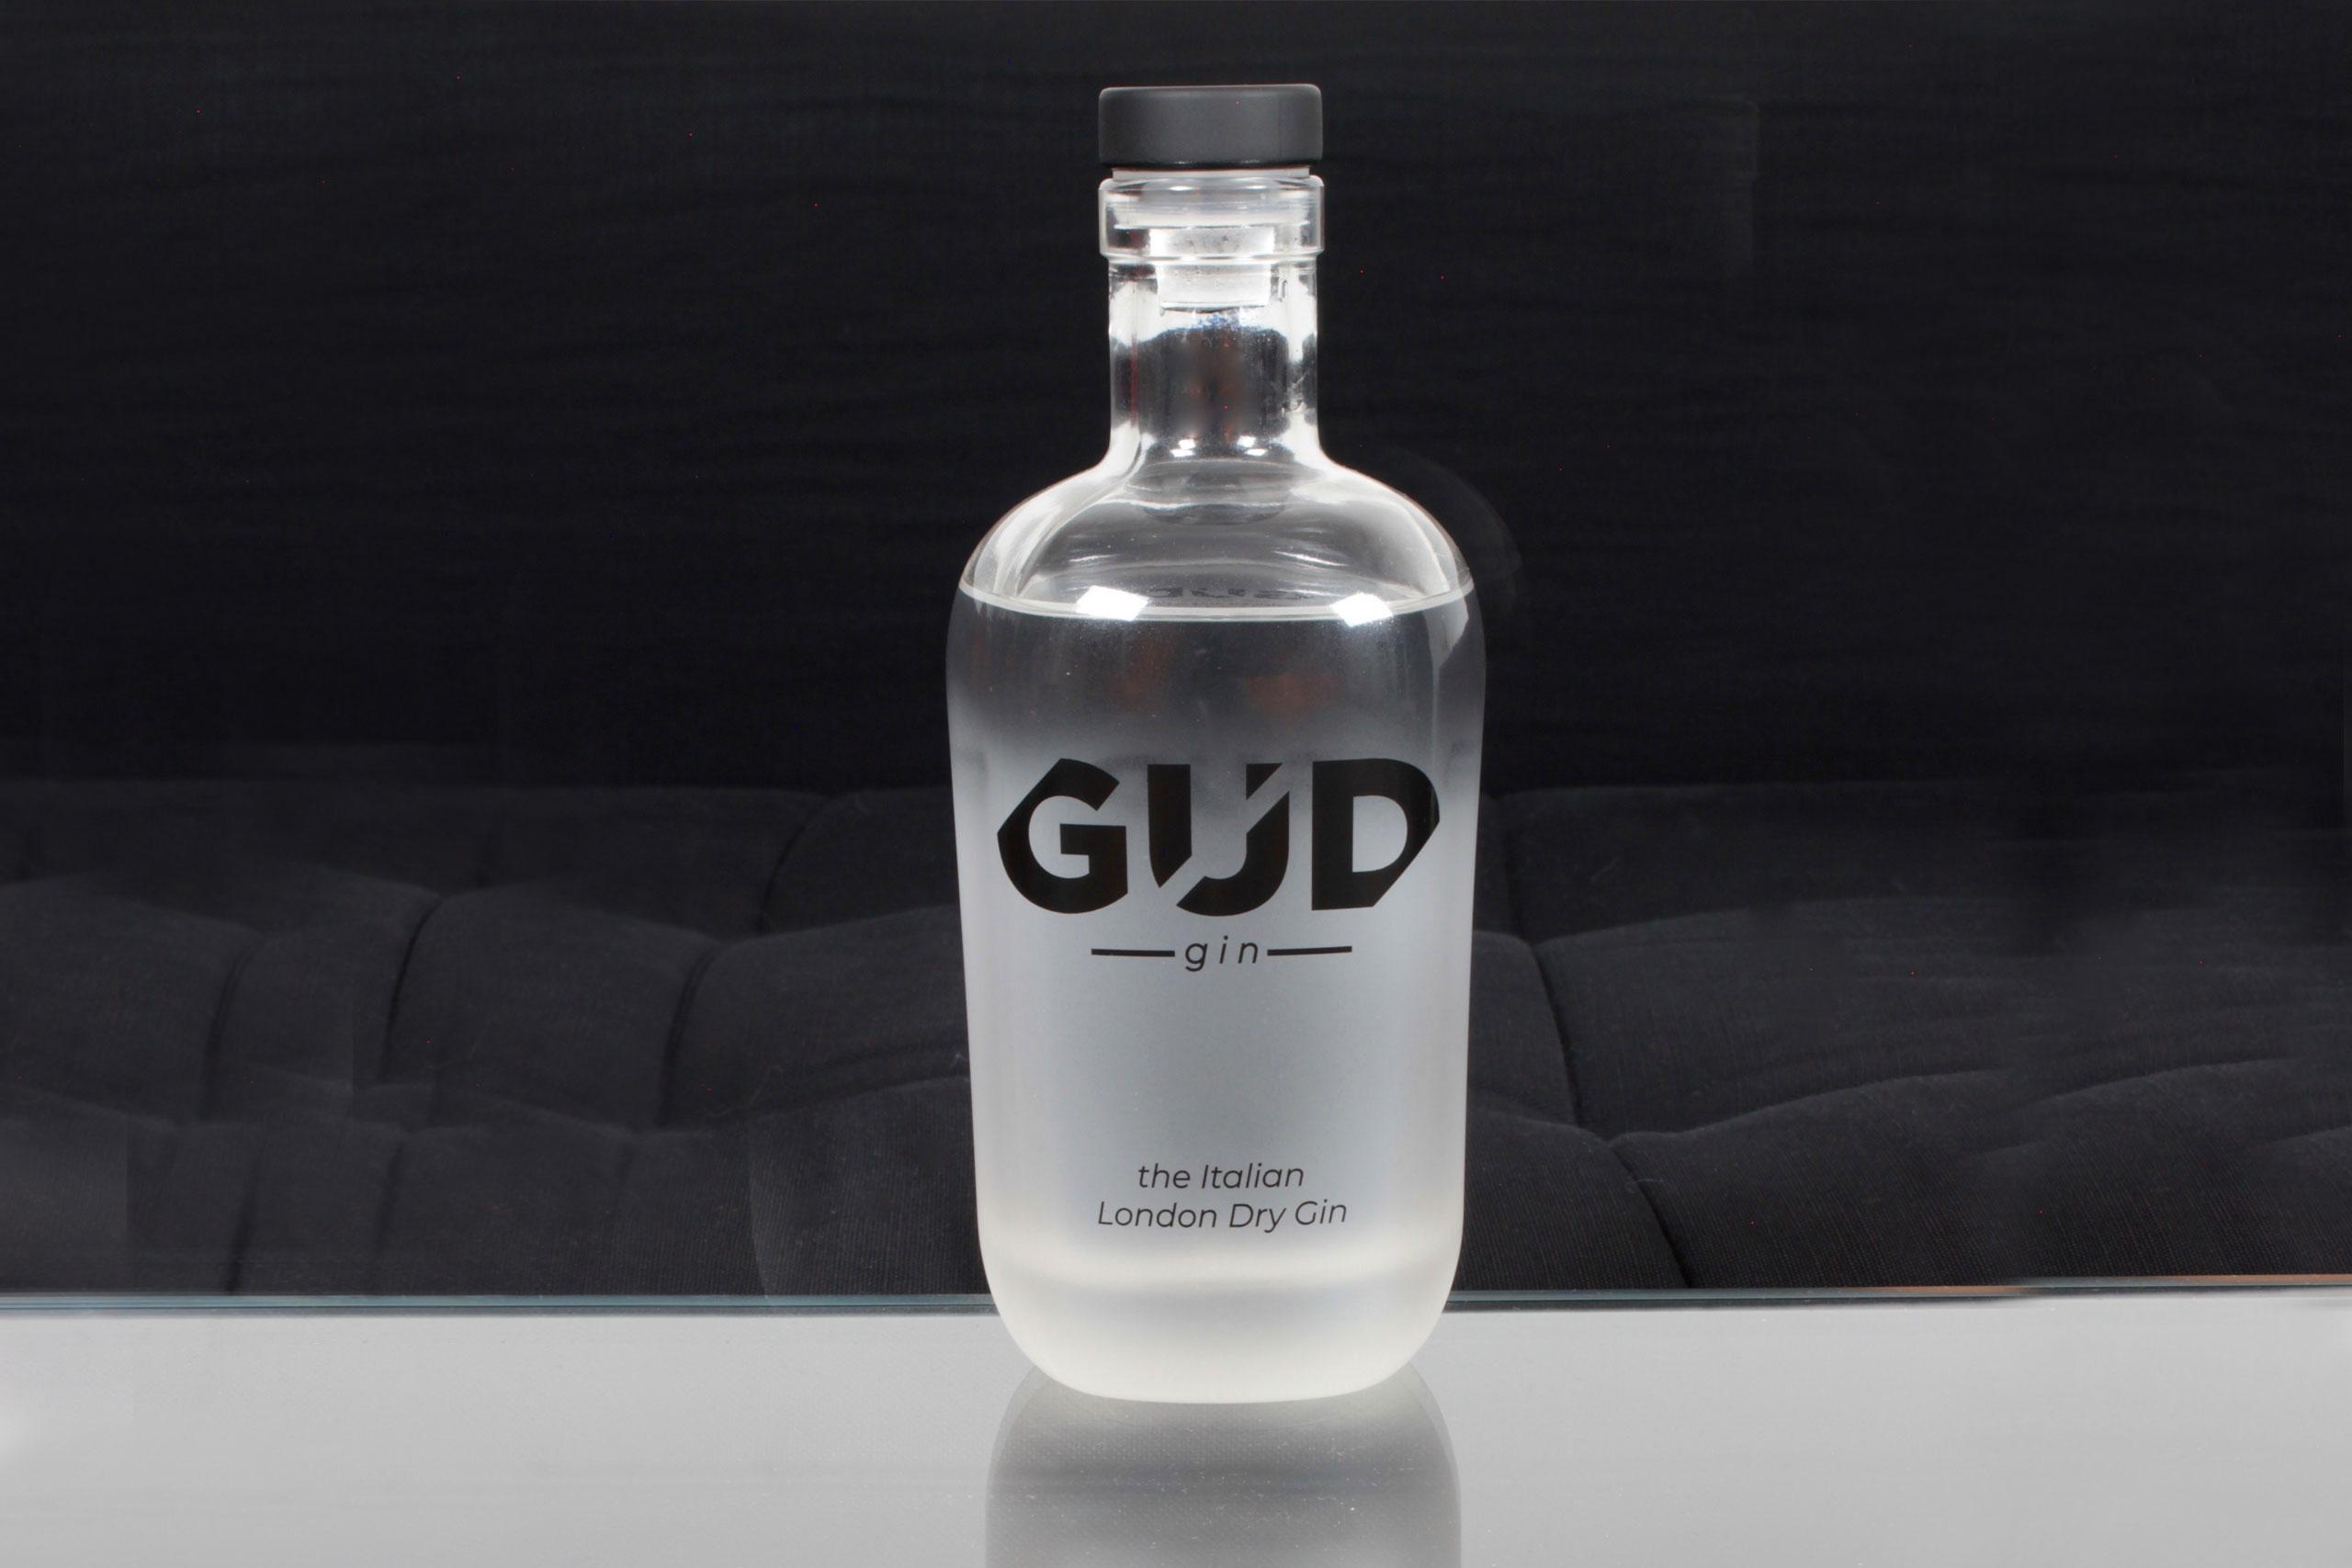 GUD-GIN